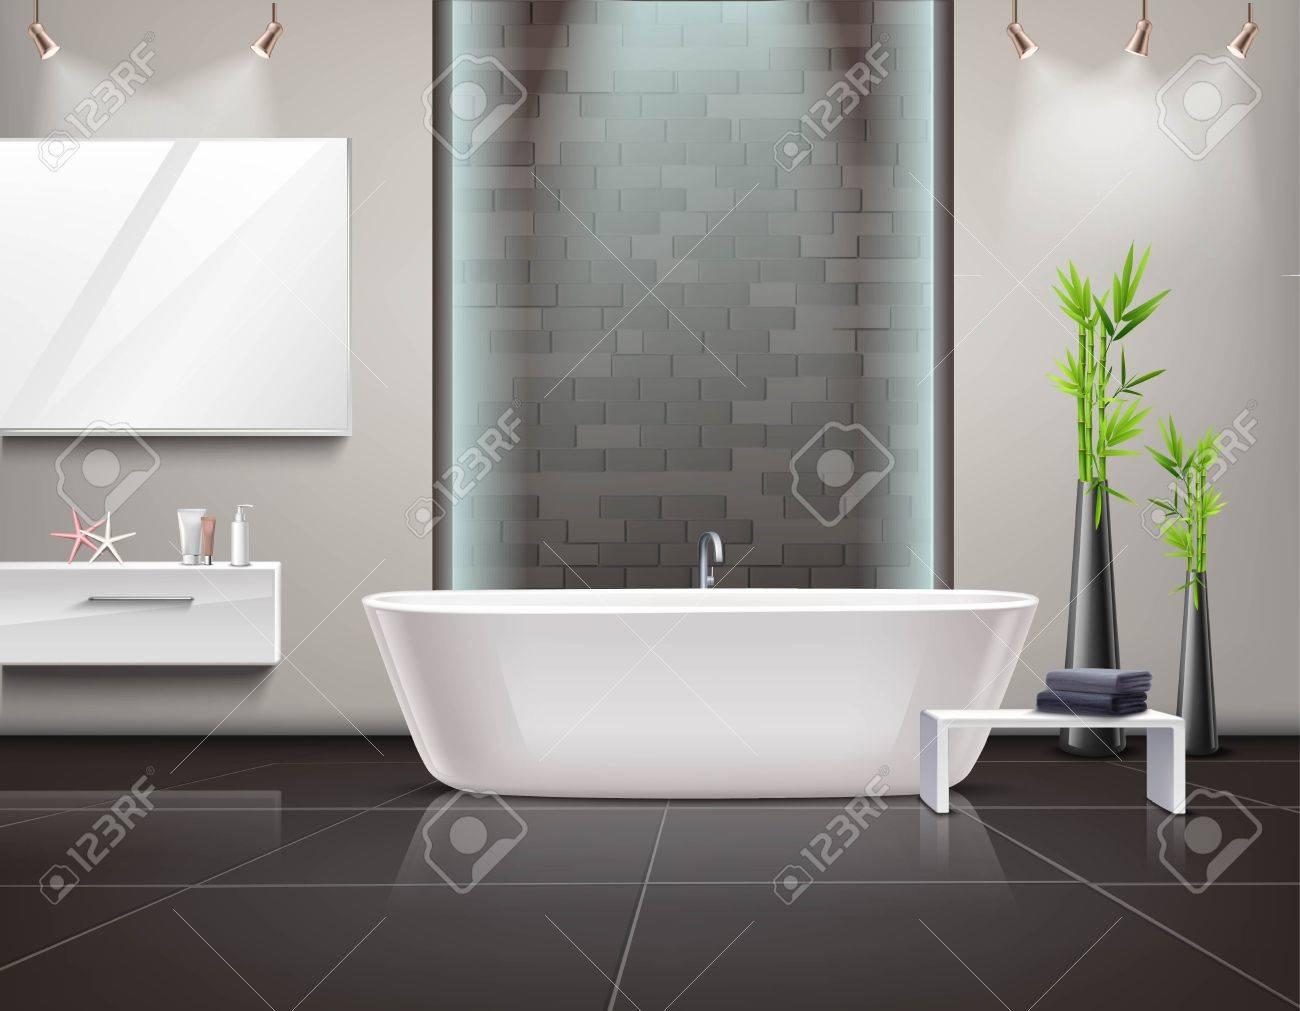 Interior Realista Del Cuarto De Baño Con El Espejo Y La Iluminación ...